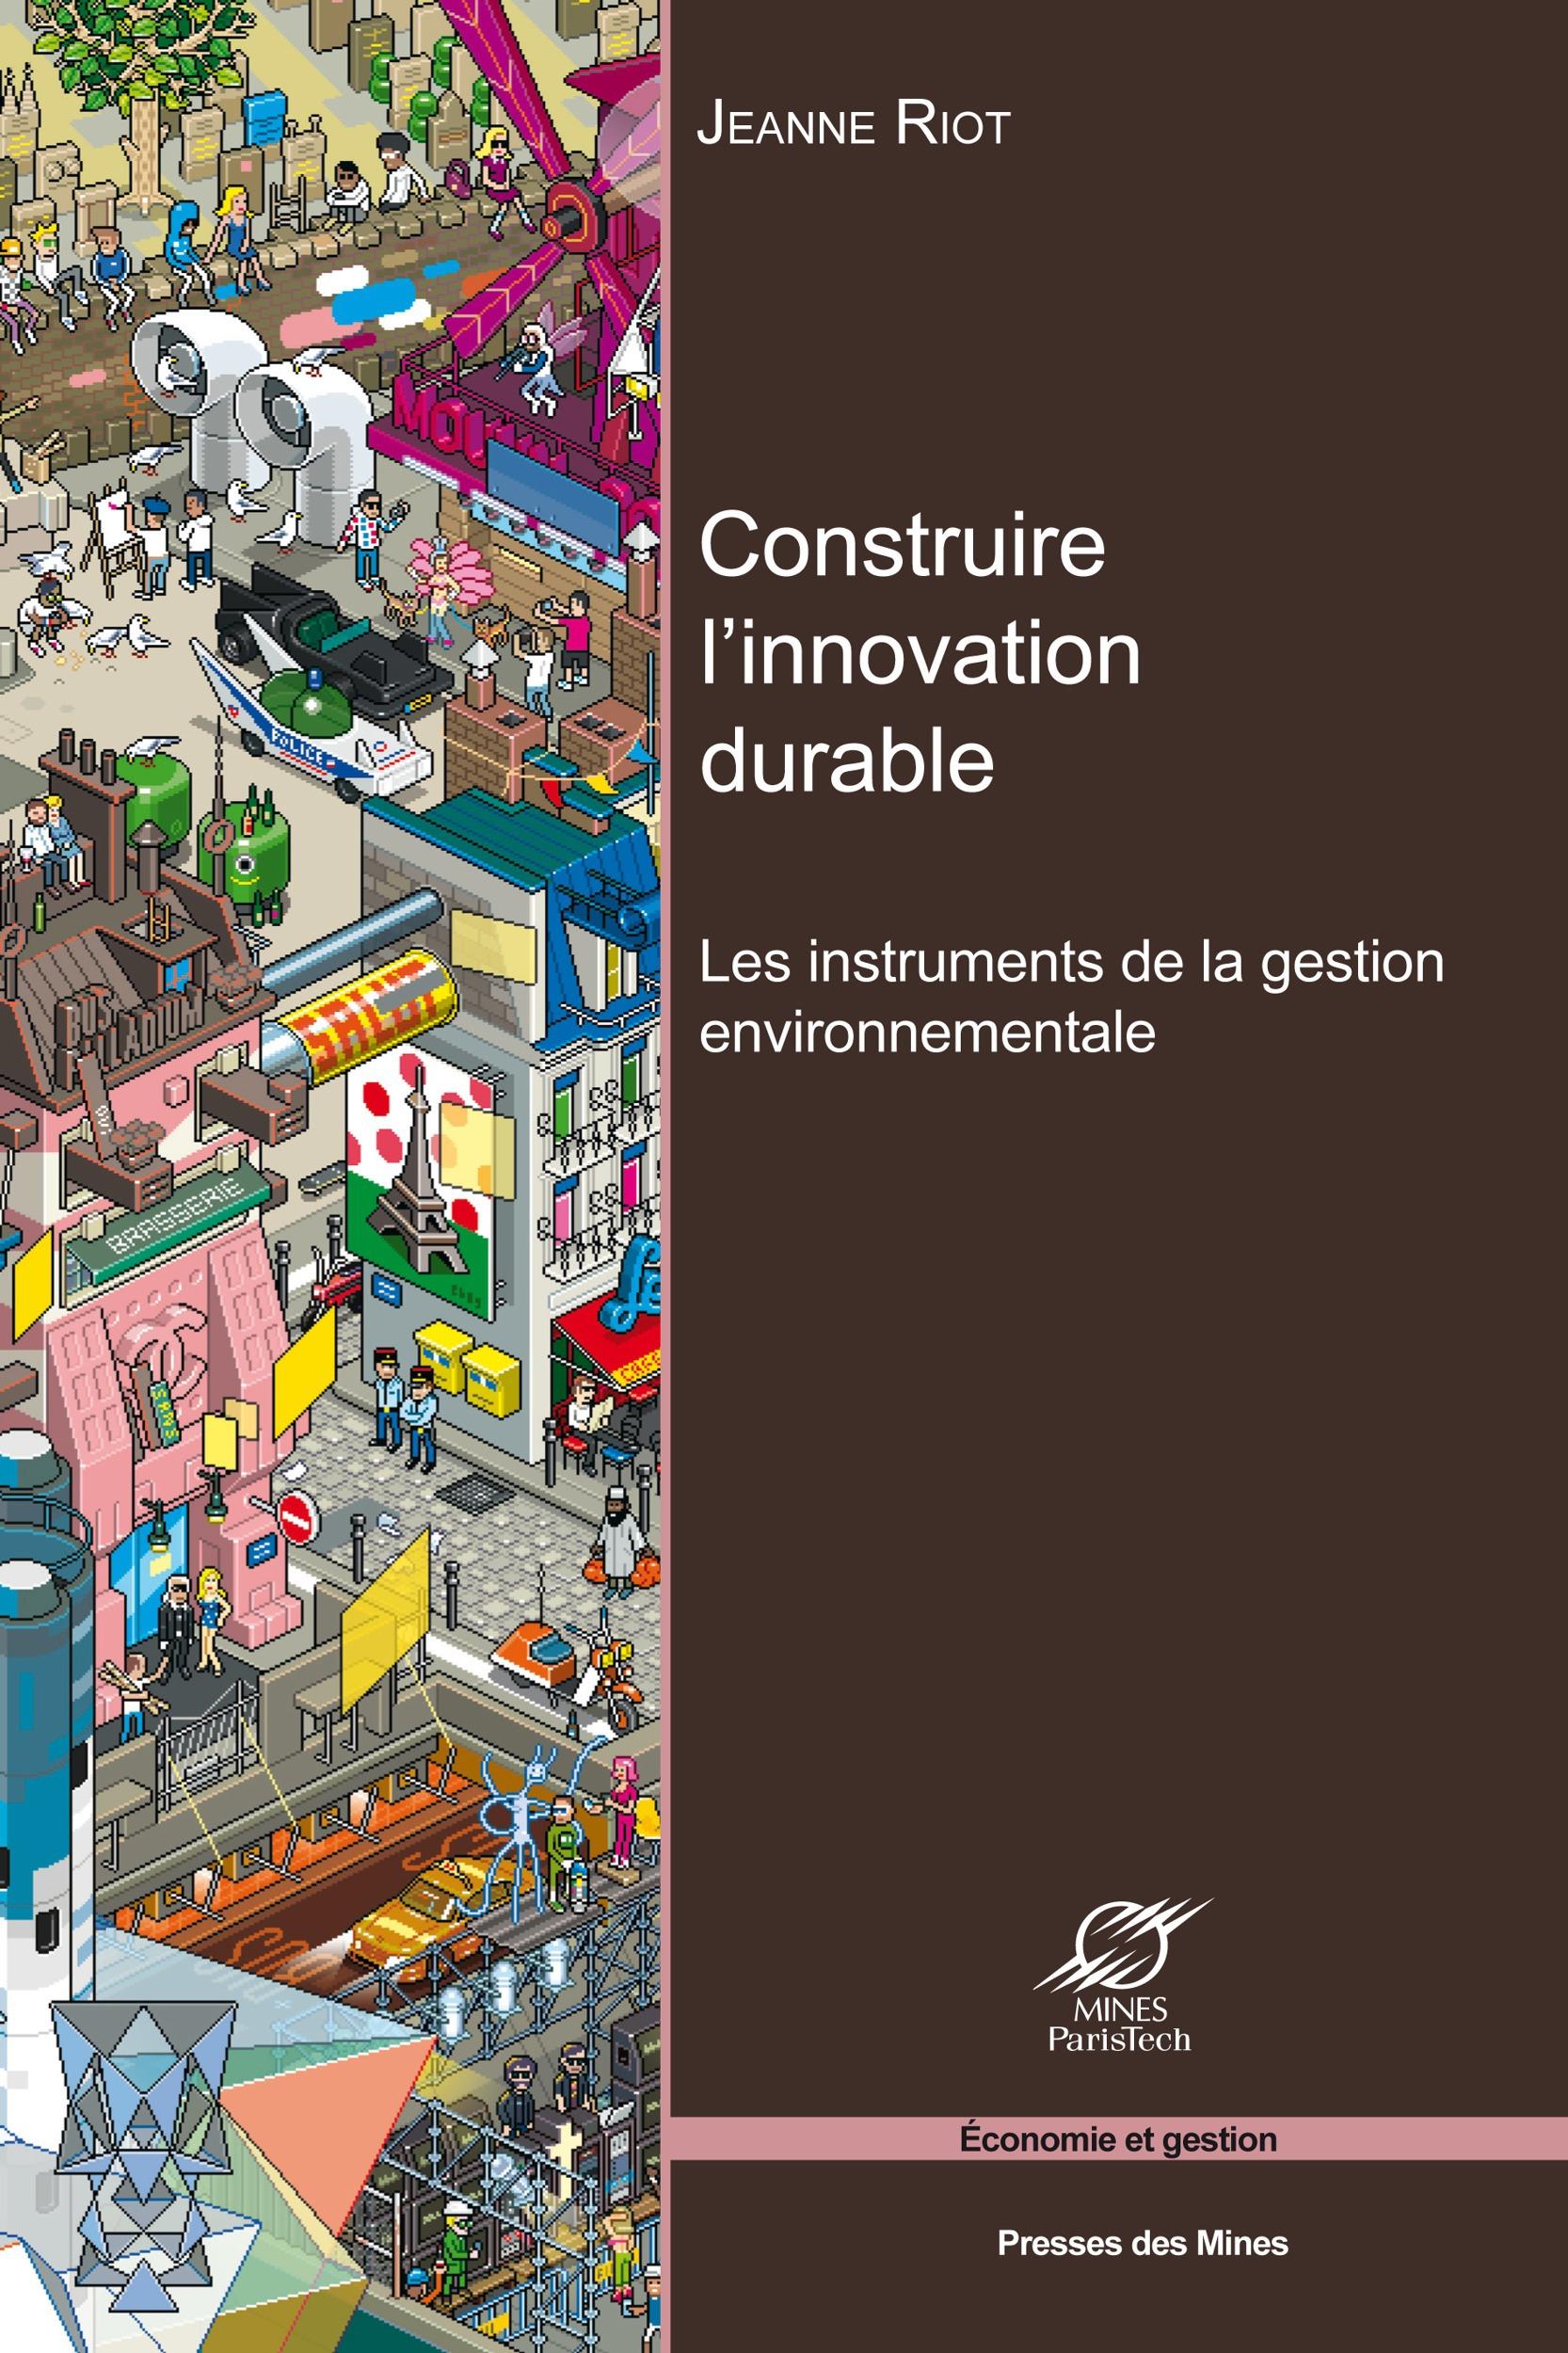 Construire l'innovation durable ; les instruments de la gestion environnementale